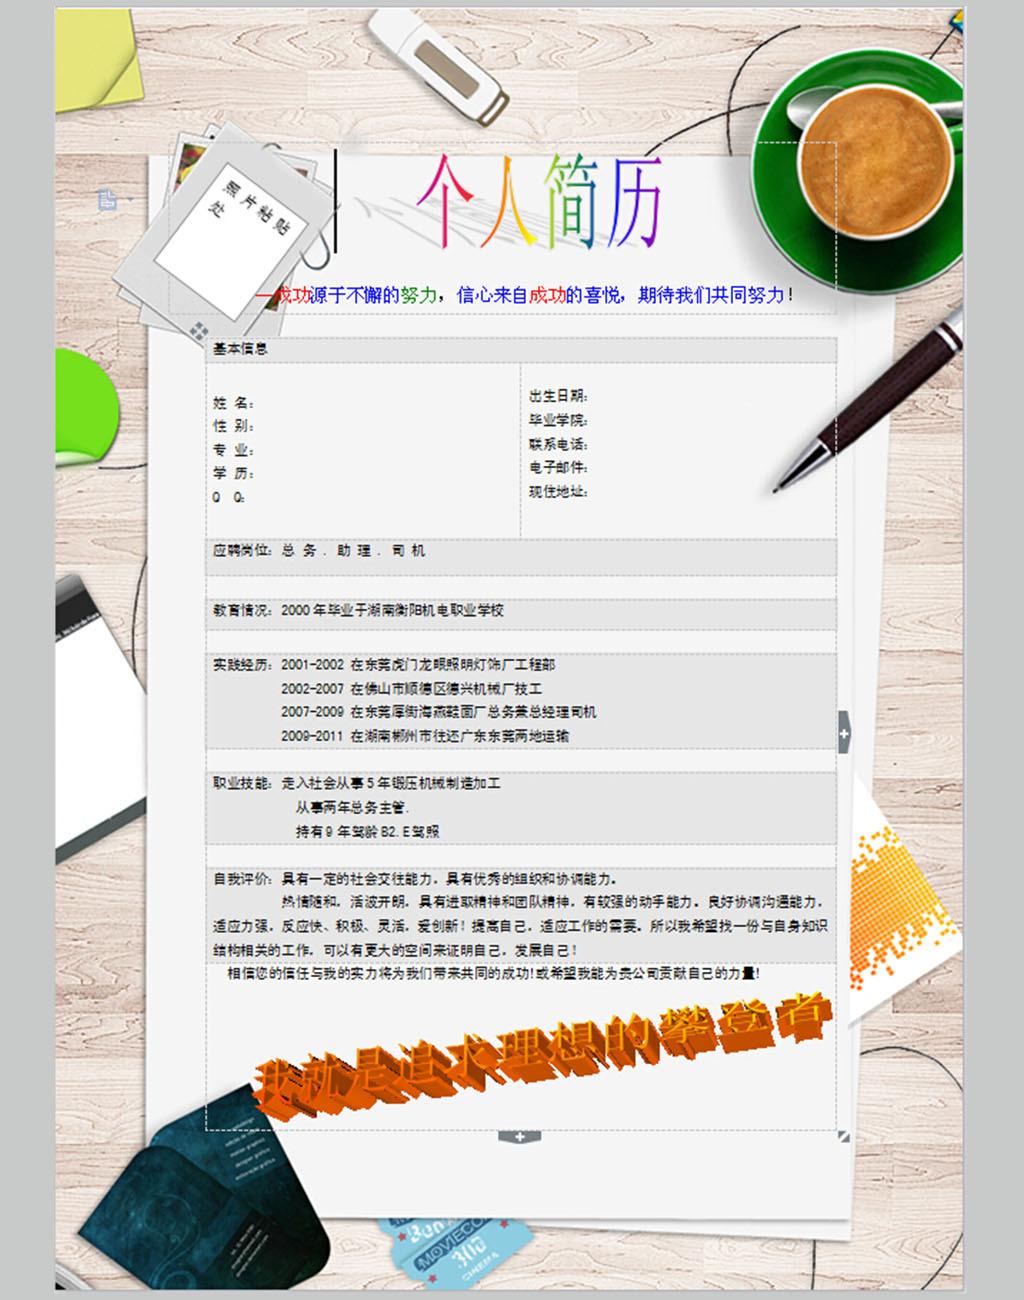 彩色表格个性简历 模板 下载(图片编号:12224793)-彩色表格模板